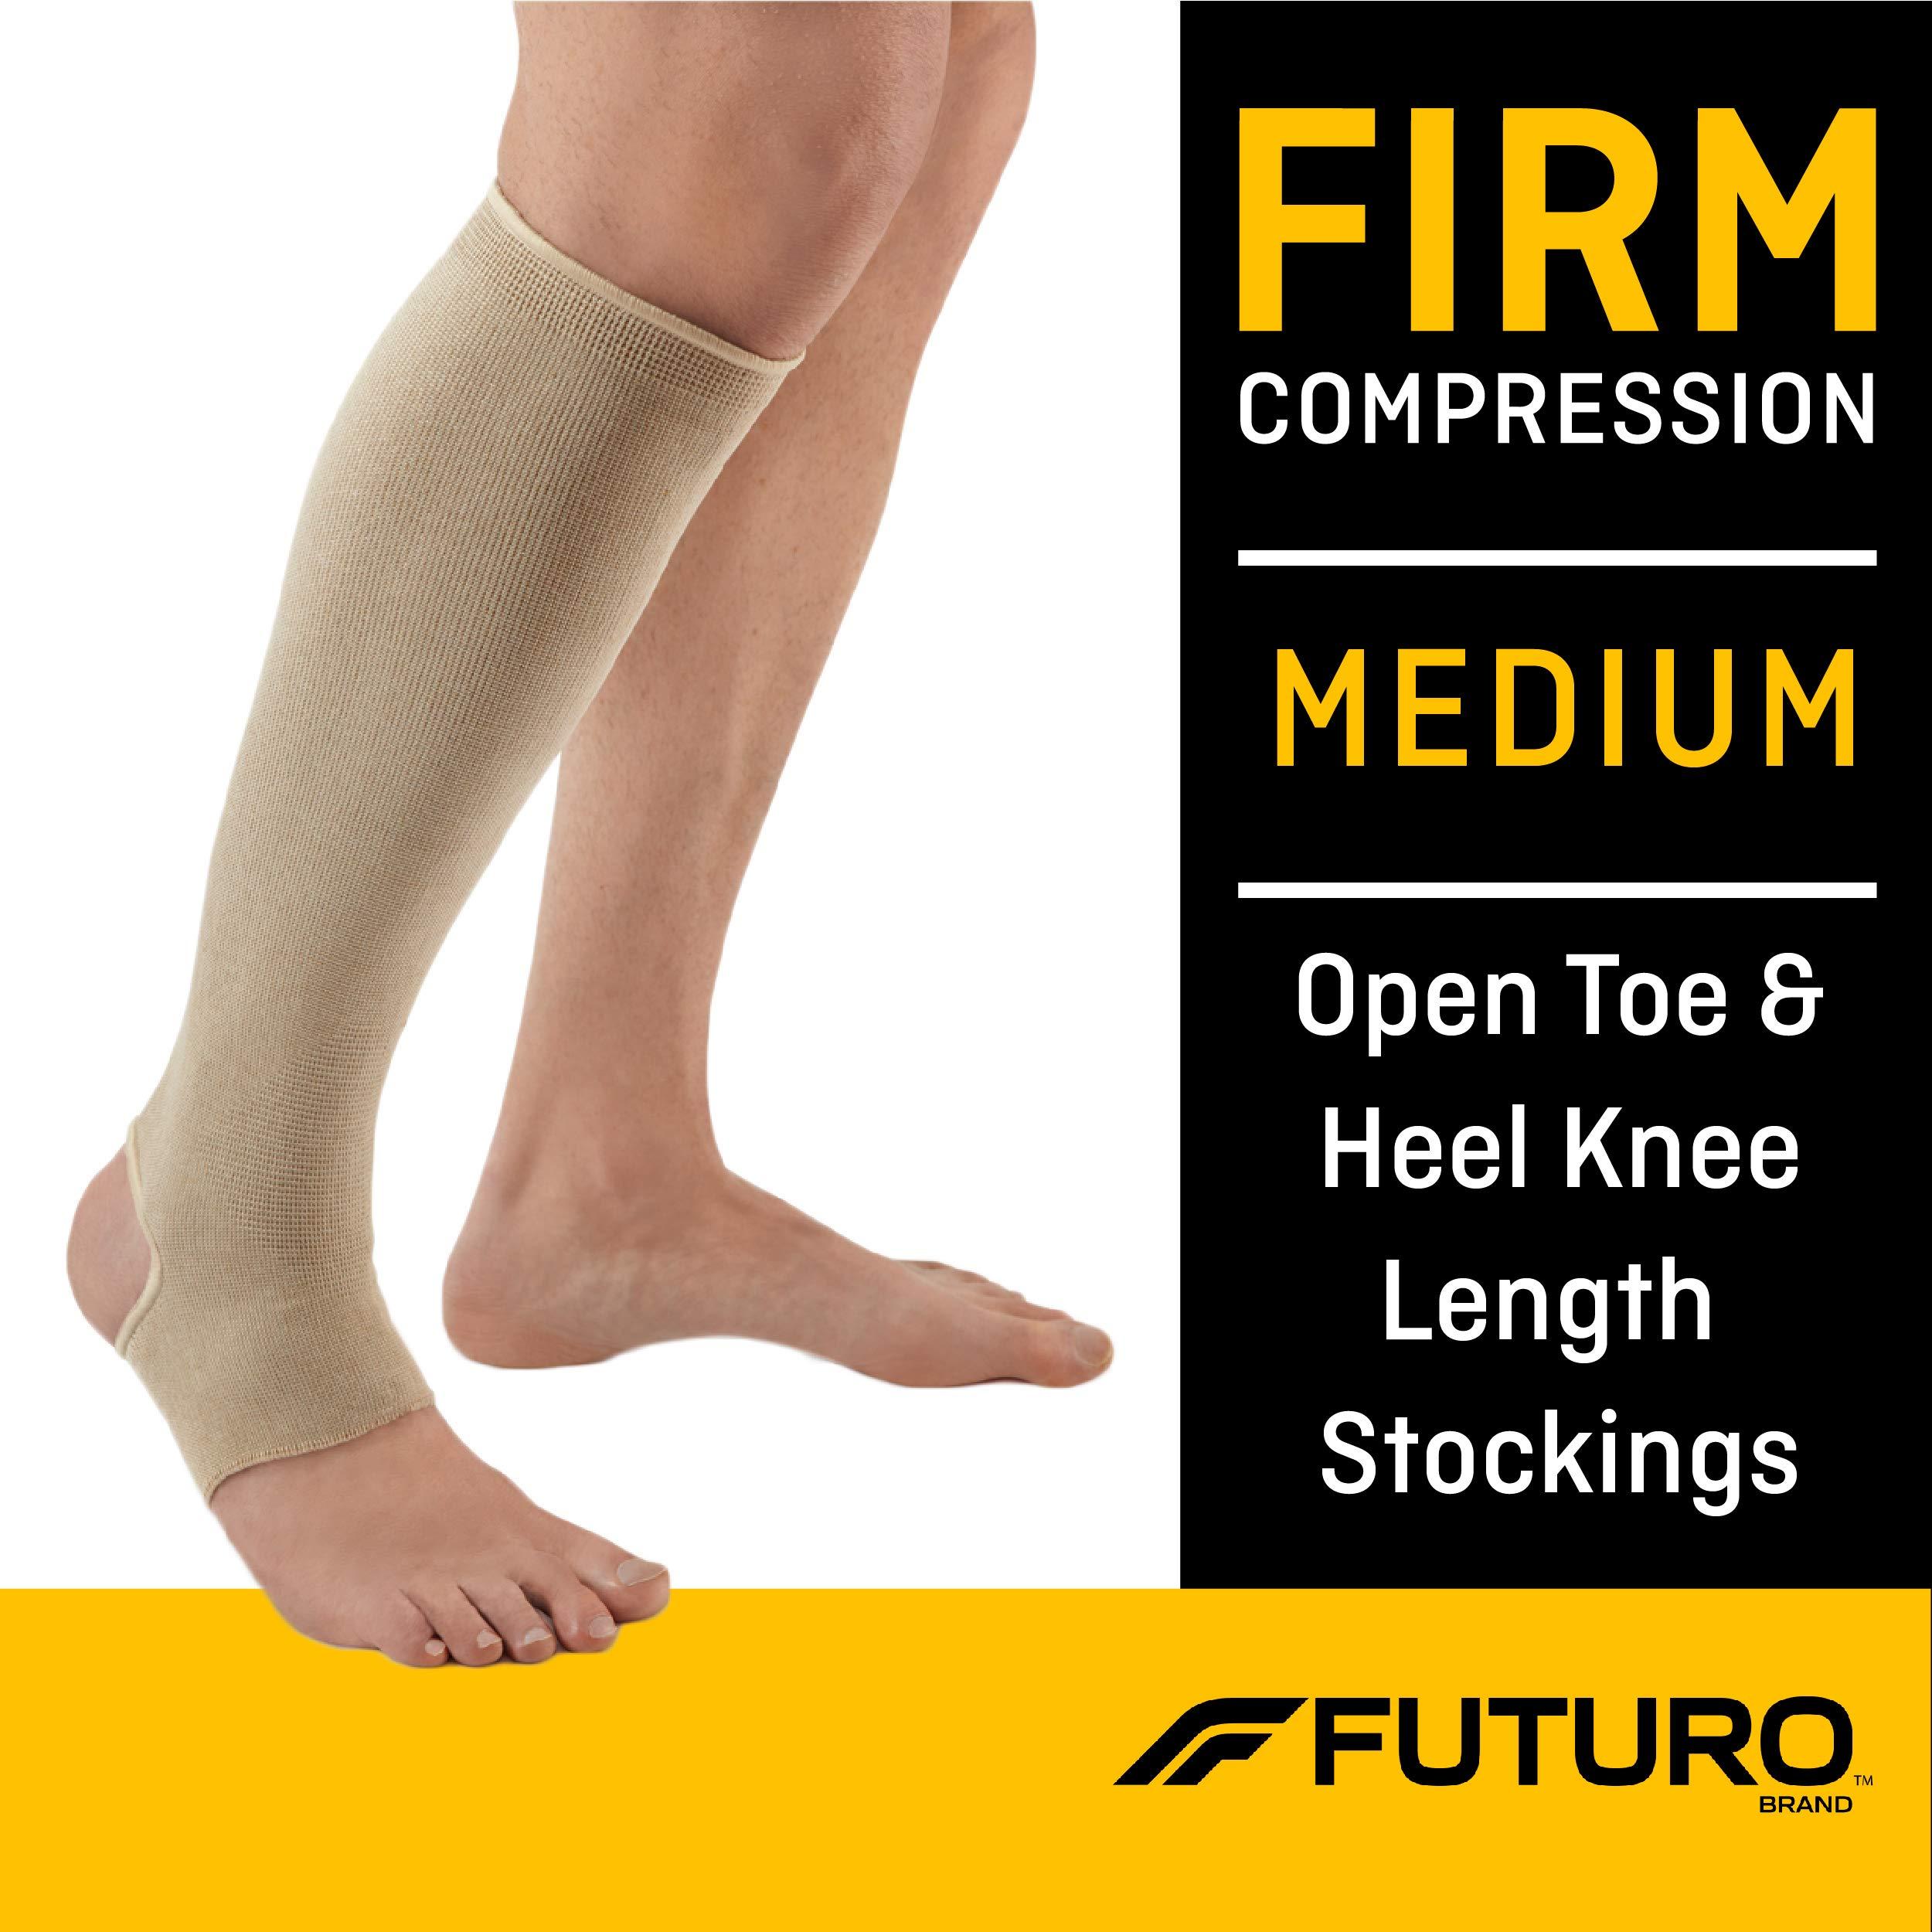 Futuro Therapeutic Stocking Symptoms Compression